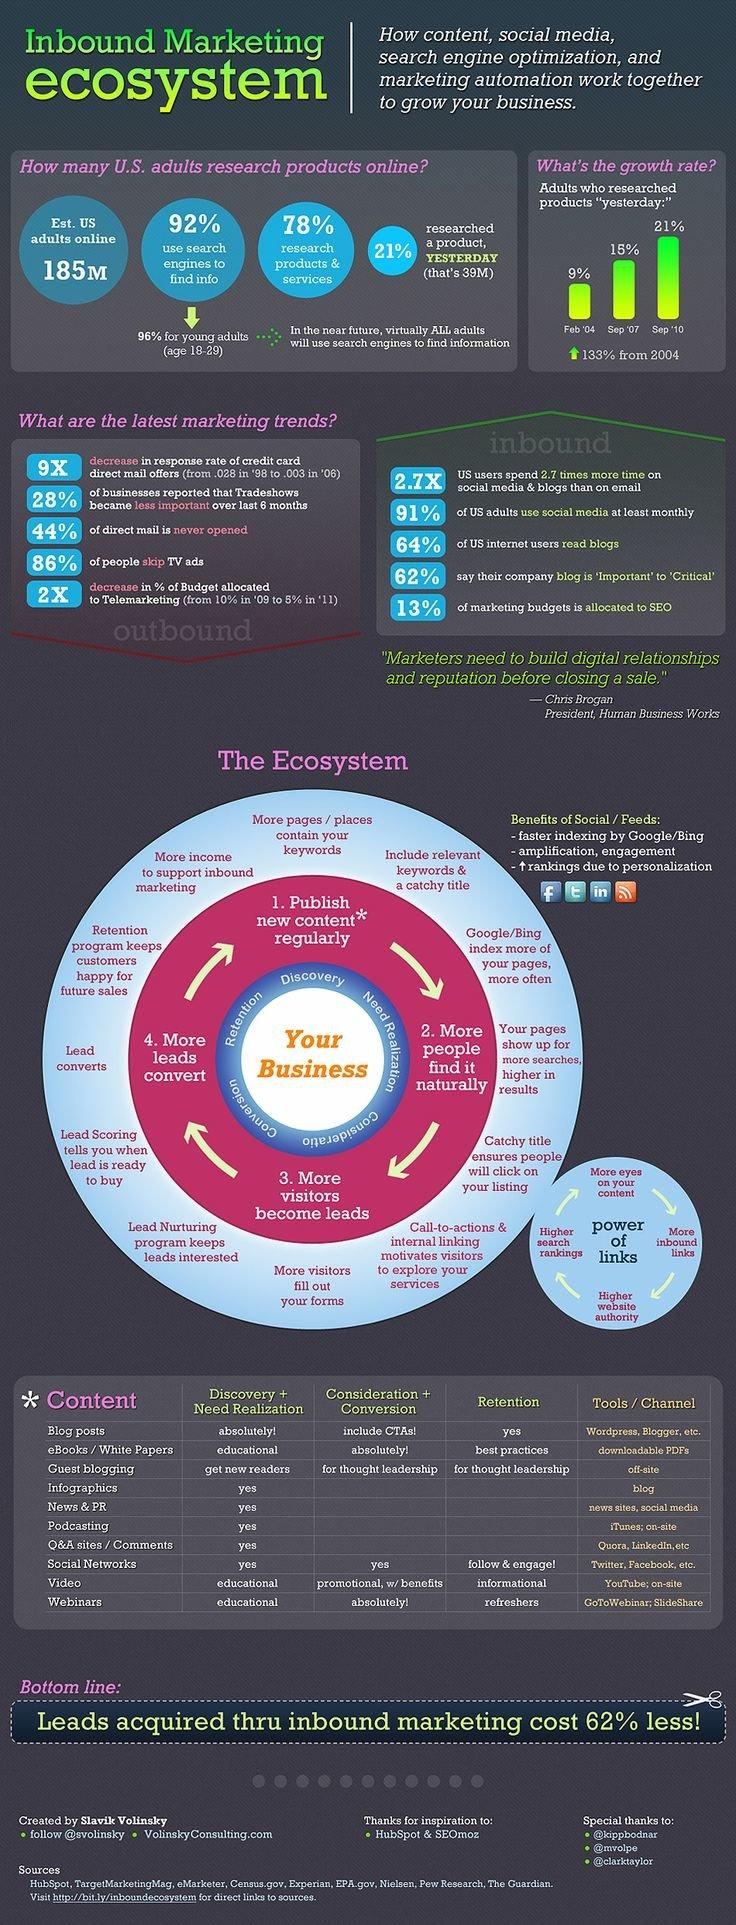 Inbound Marketing Ecosystem #infographic